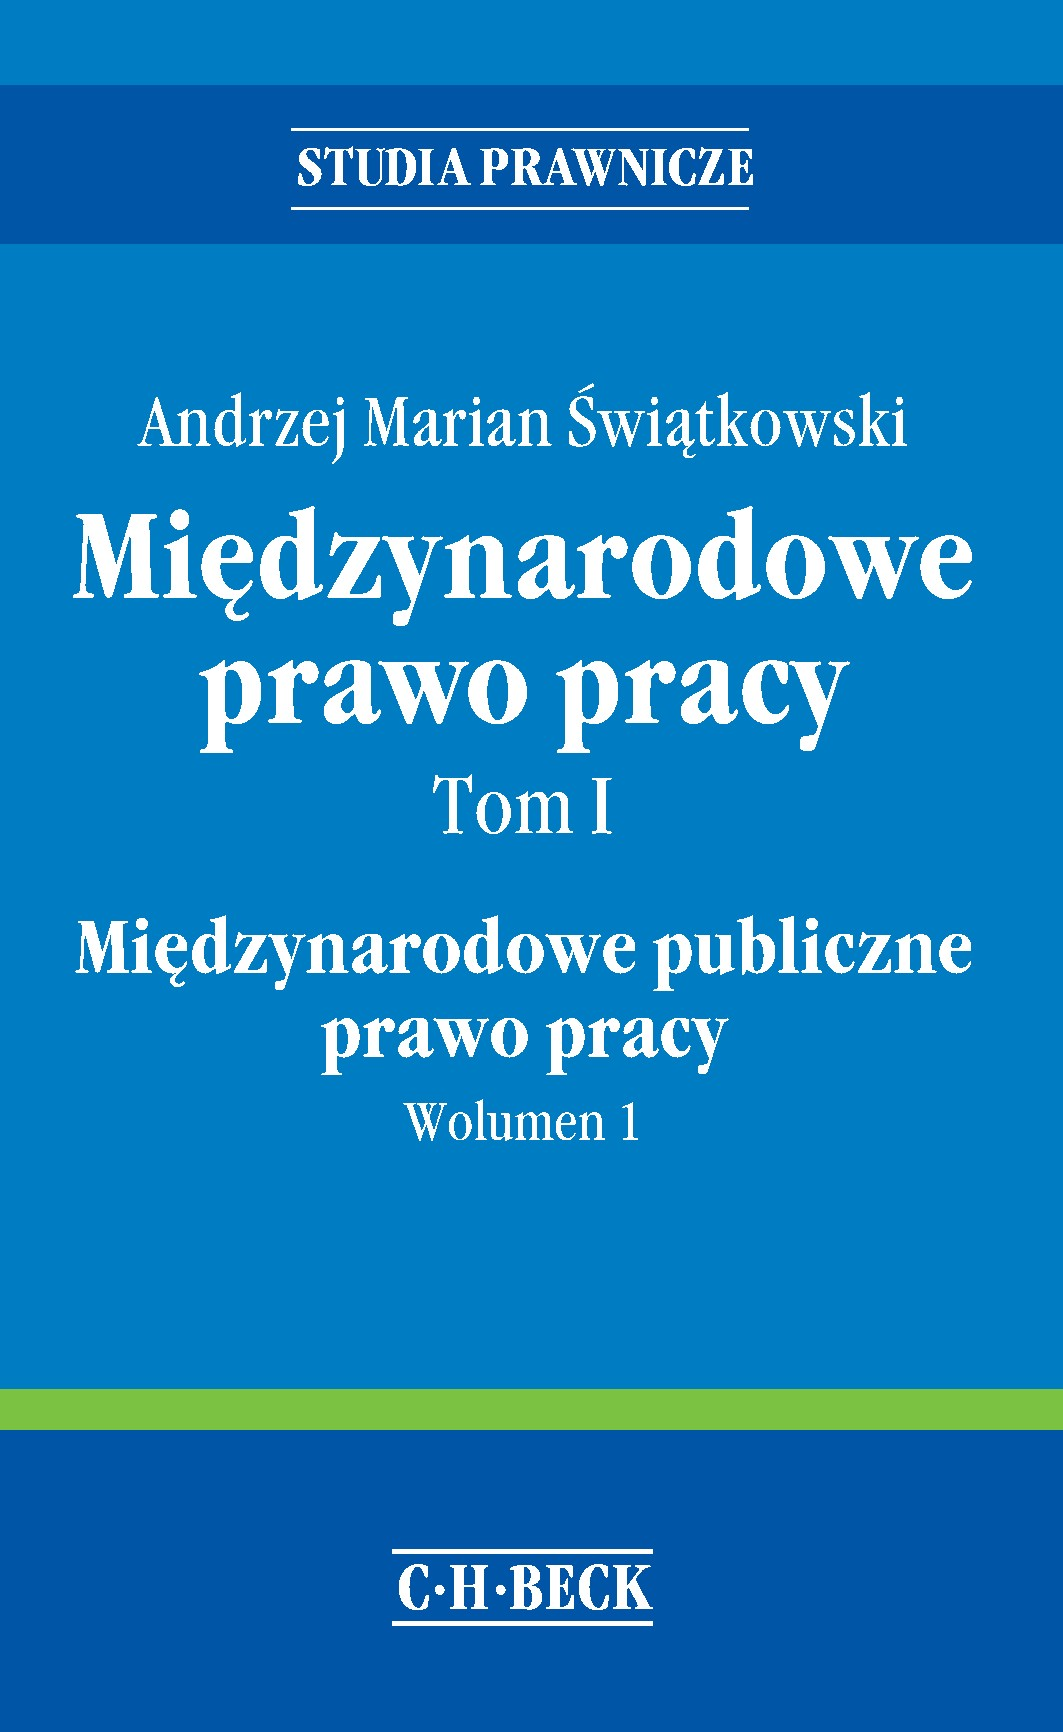 Międzynarodowe prawo pracy. Tom I Międzynarodowe publiczne prawo pracy. Wolumen 1 - Ebook (Książka PDF) do pobrania w formacie PDF